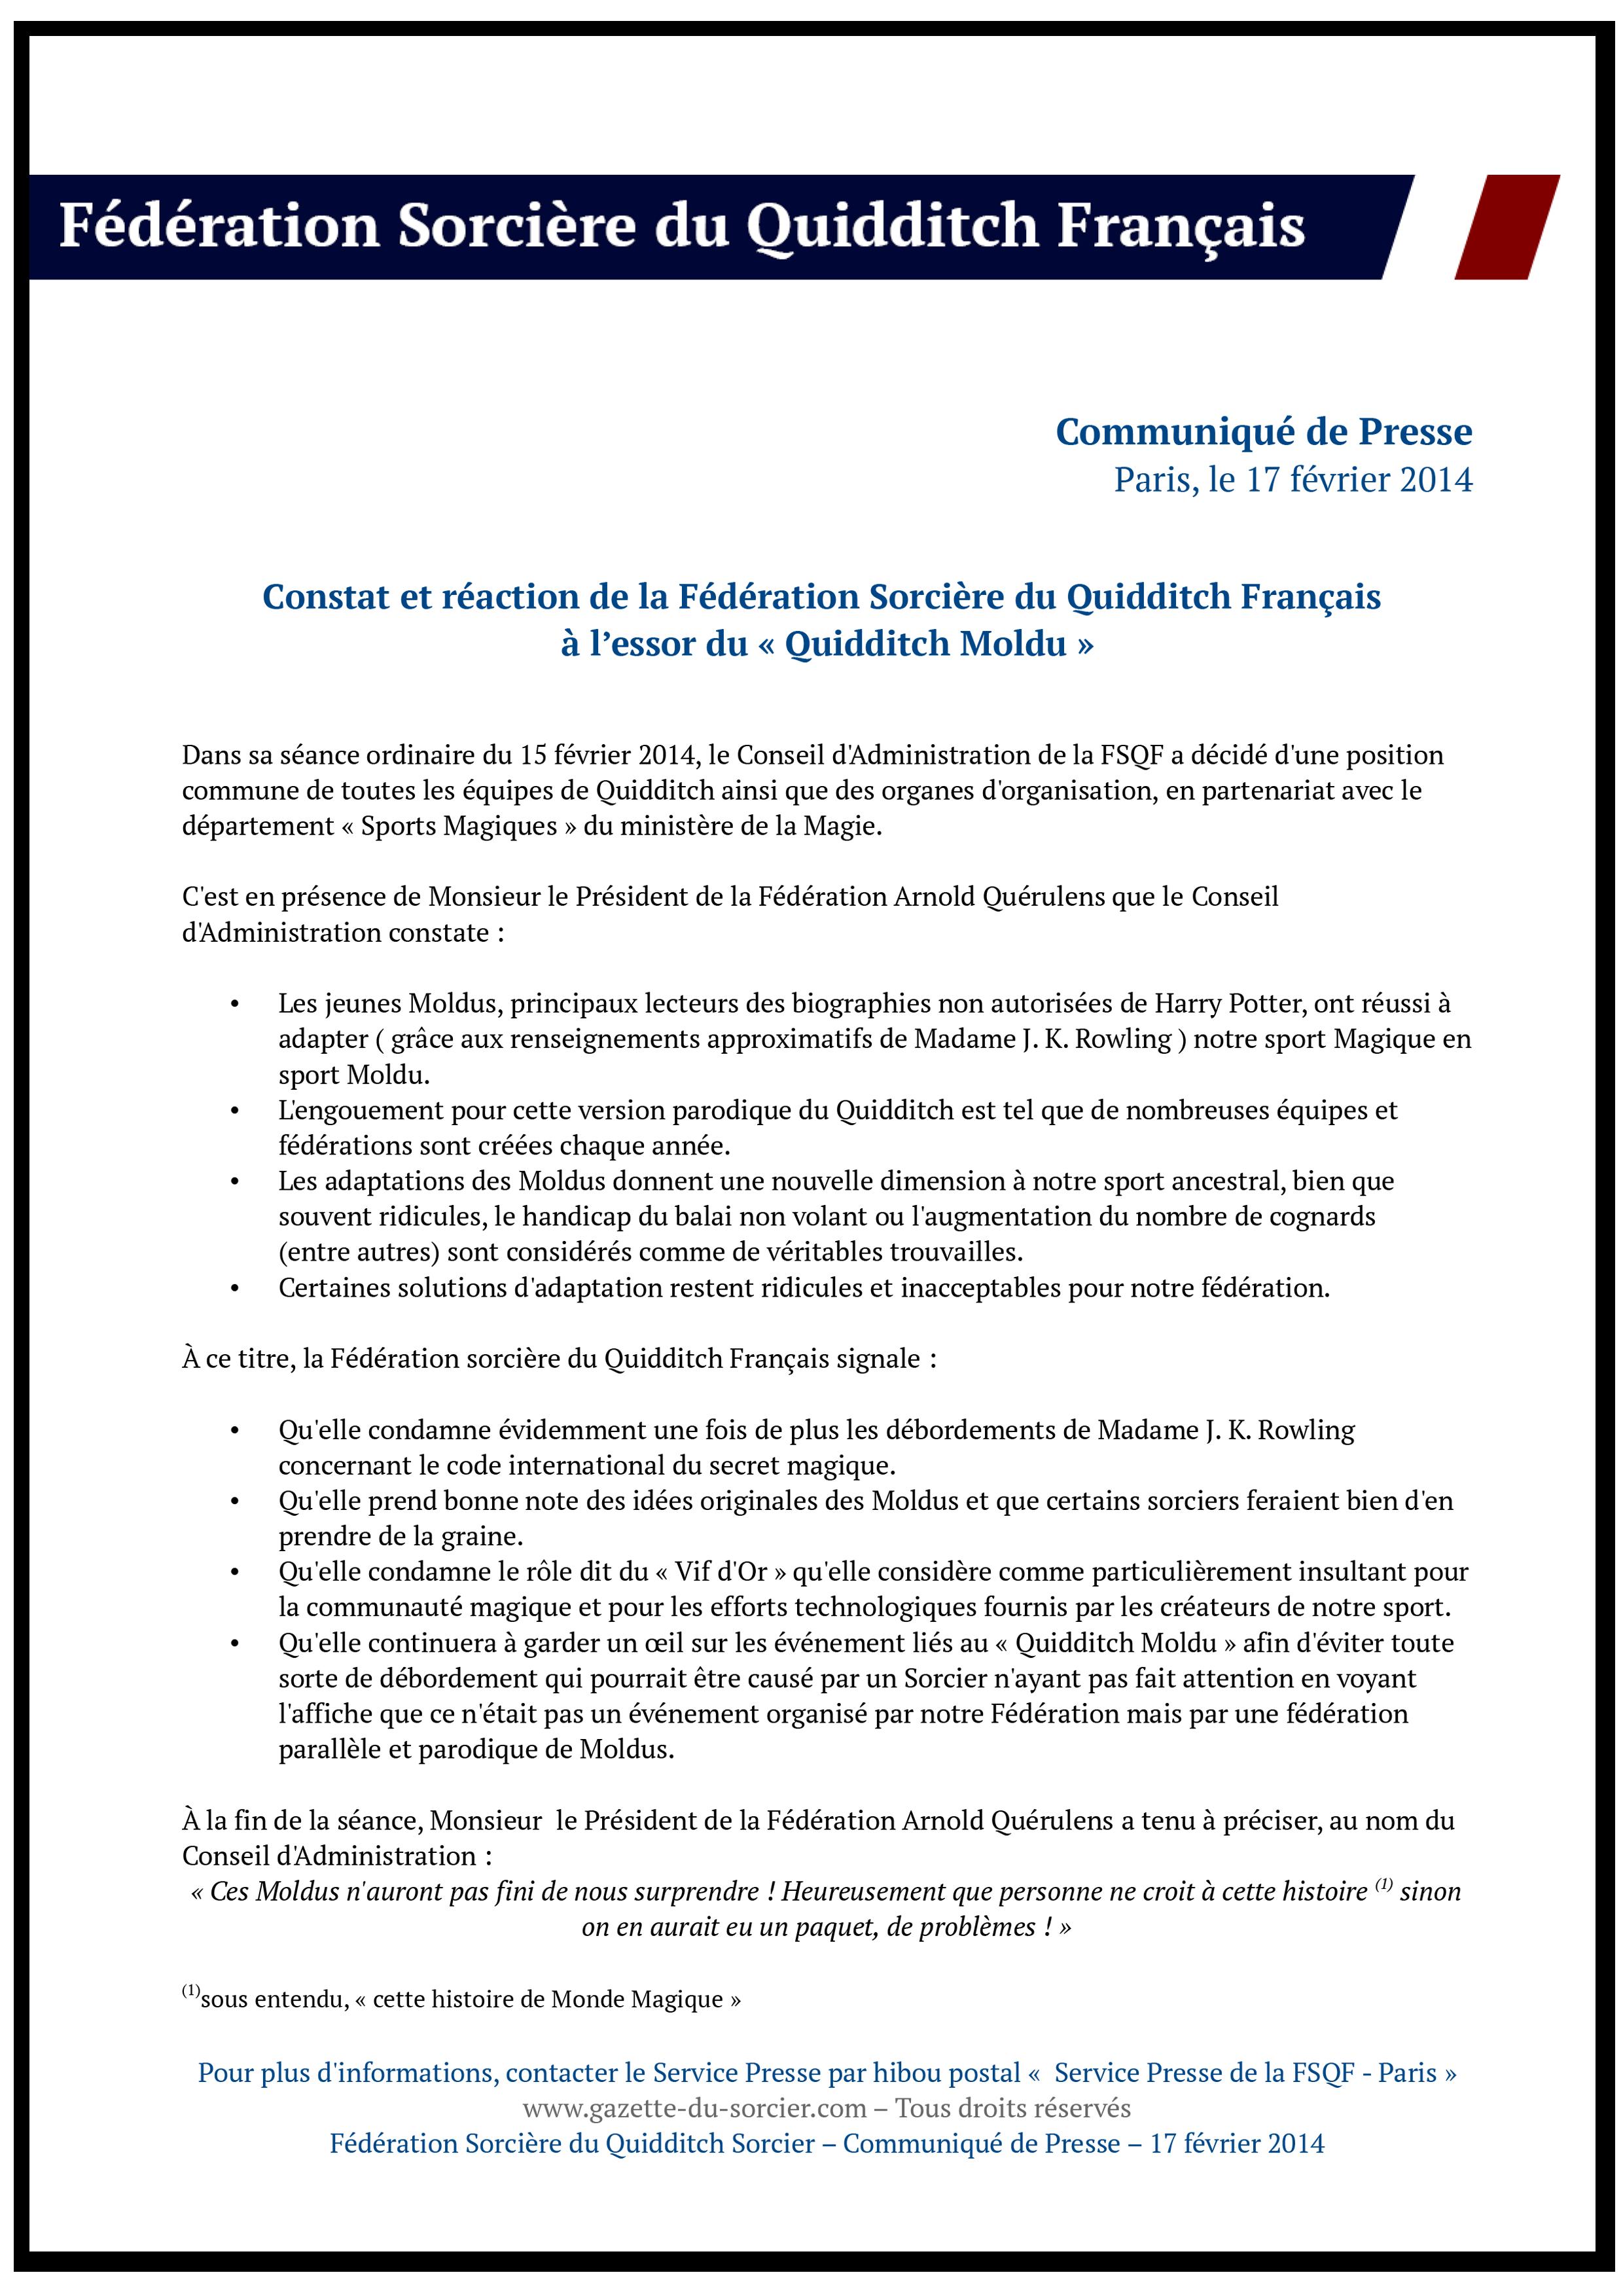 CPFSQR2014-5.png